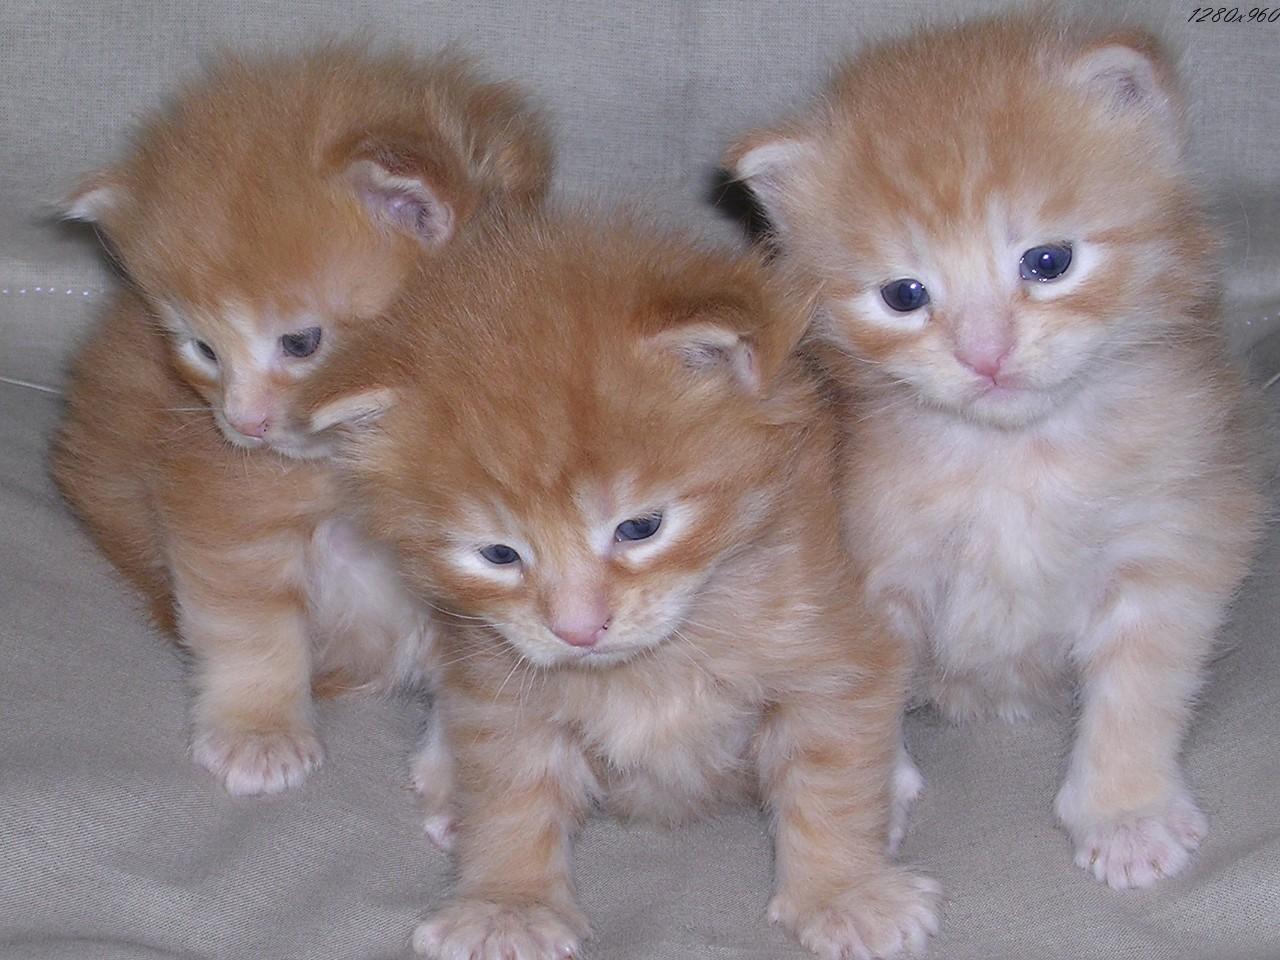 nouslbertin chat jeunes